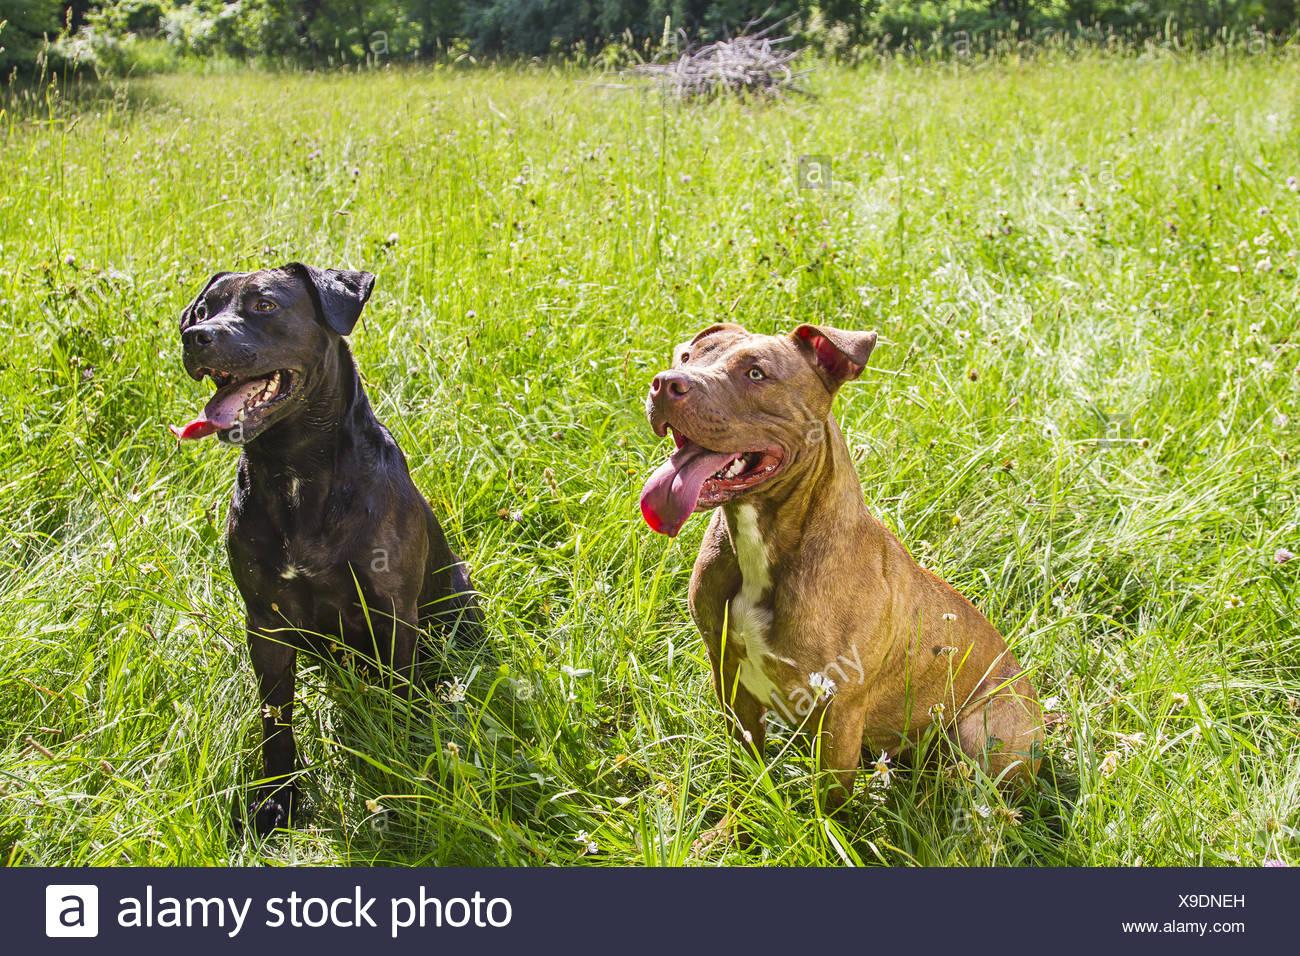 Dog days of summer - Stock Image